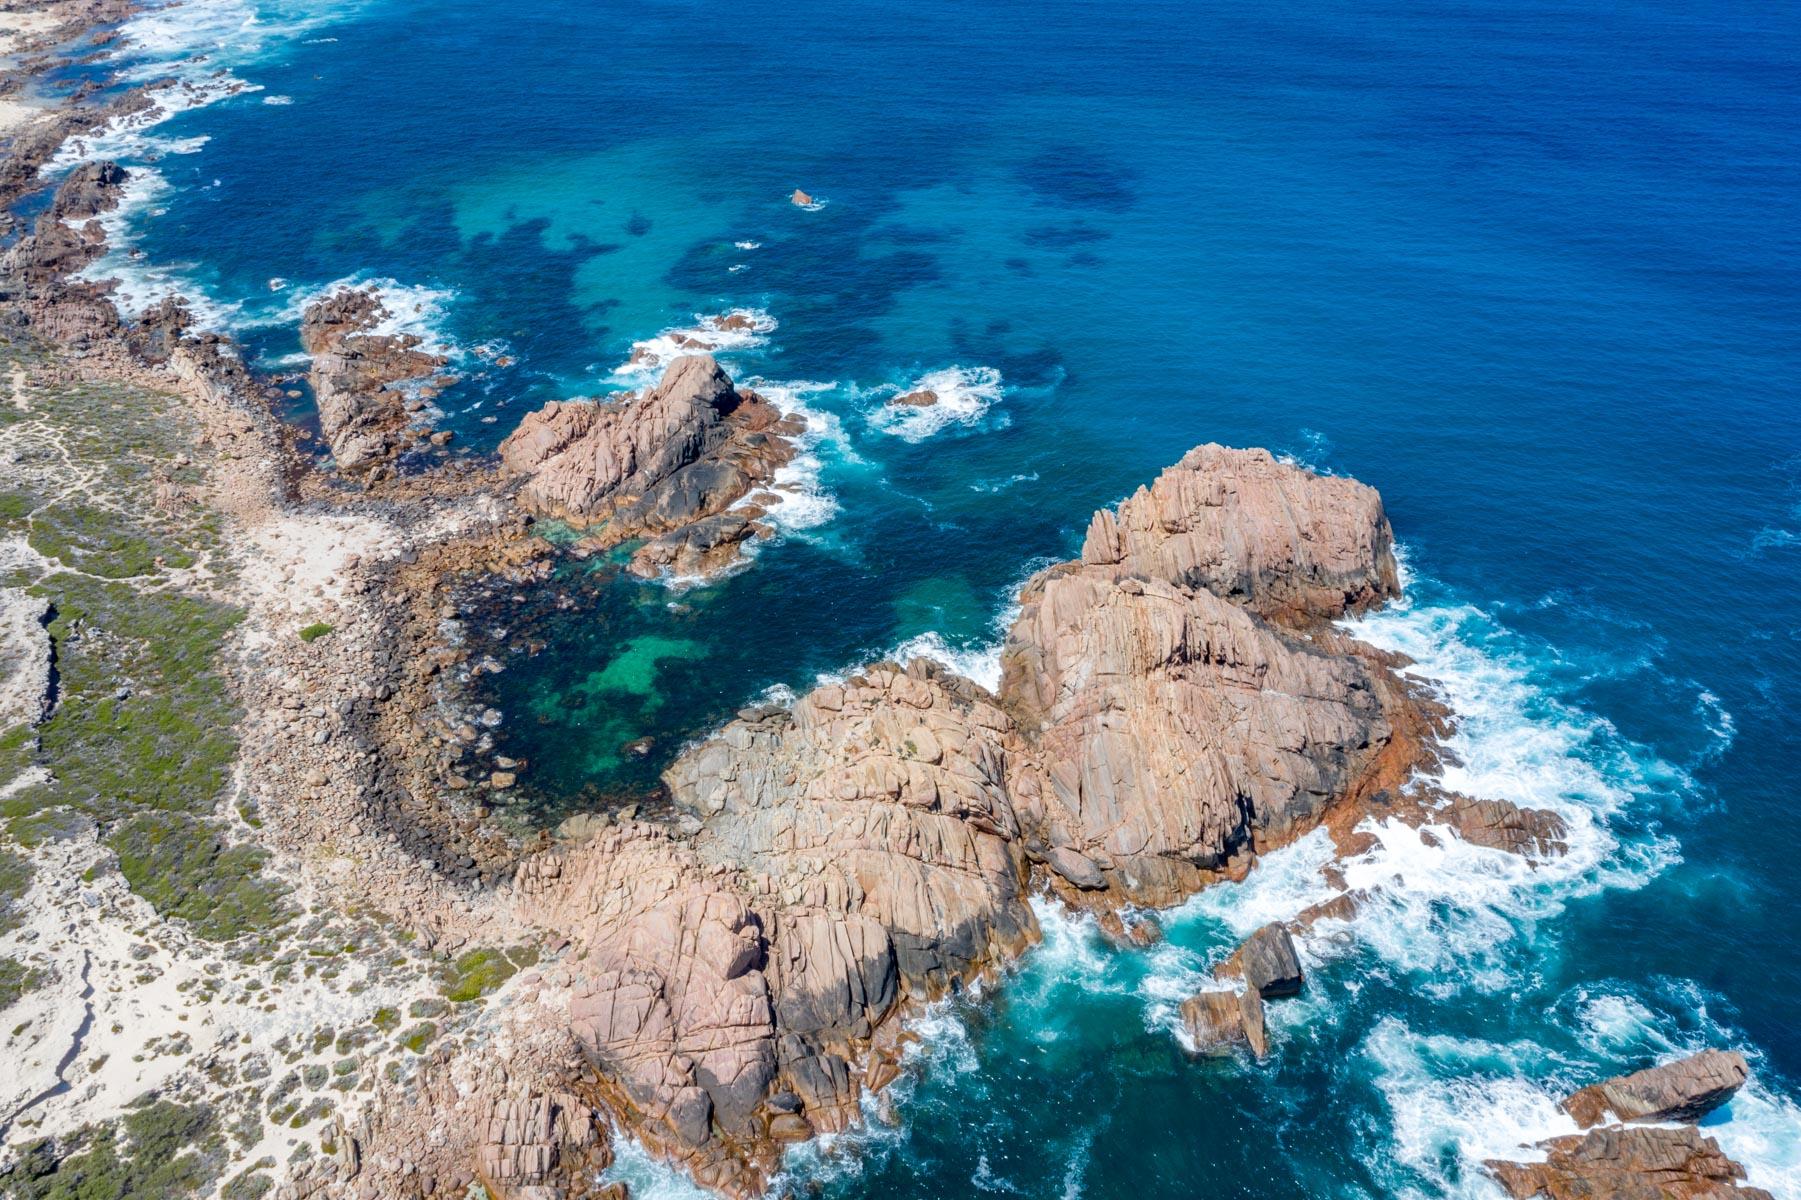 Sugarloaf Rock, Cape Naturaliste, Western Australia, Australia